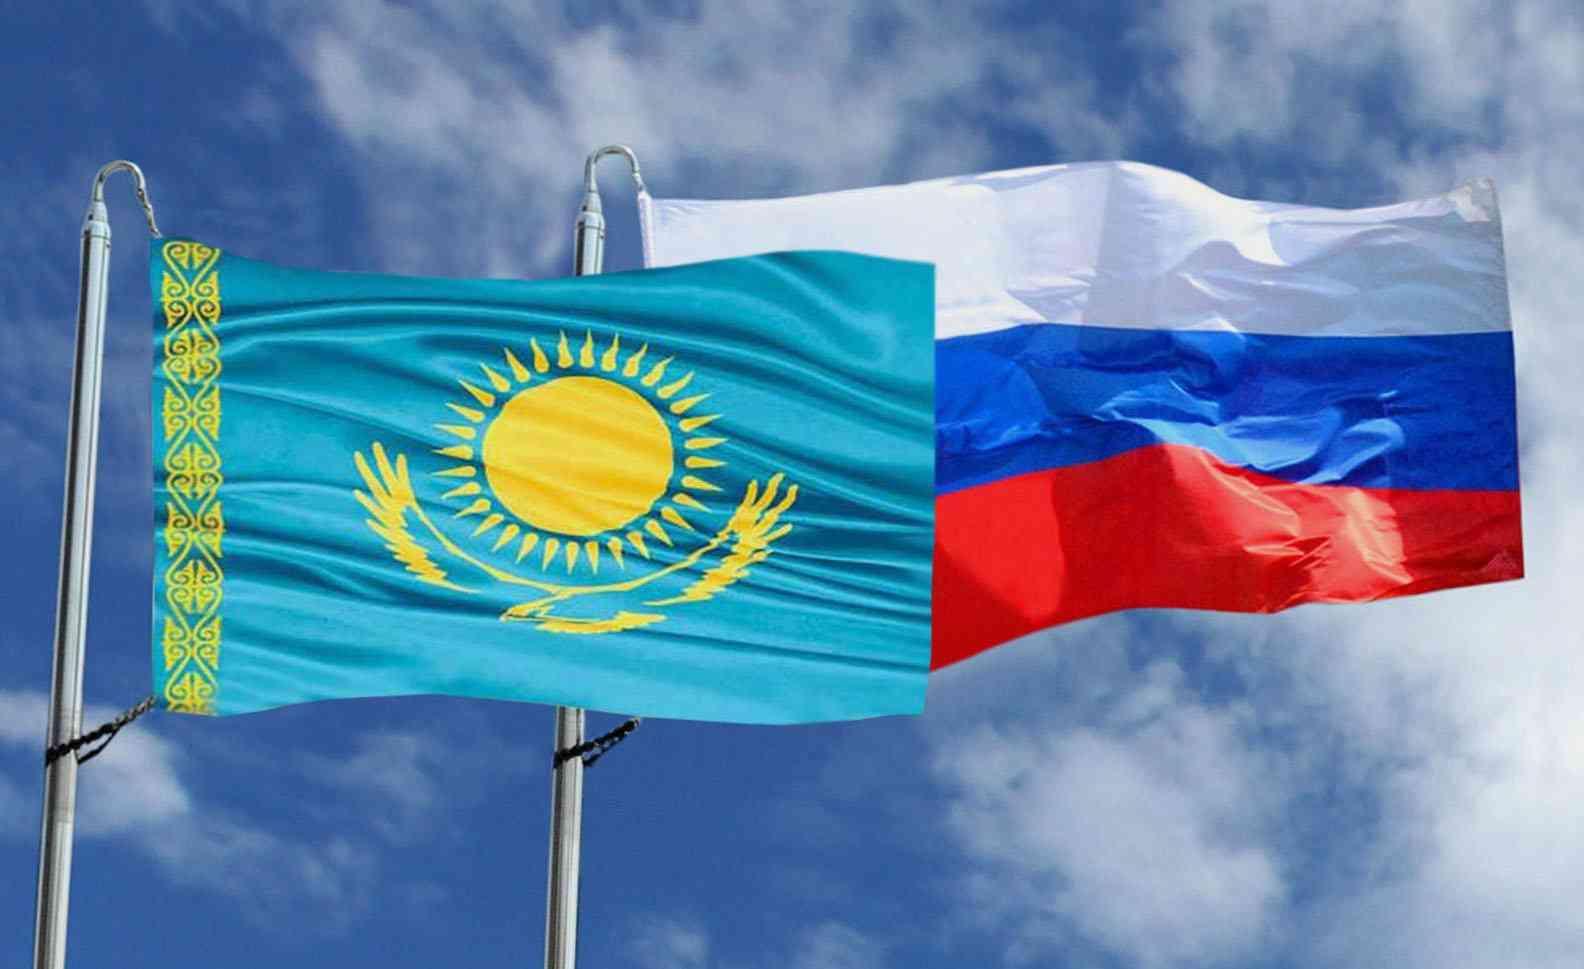 Из России в Казахстан прибыли два казахстанских самолета с медицинскими препаратами